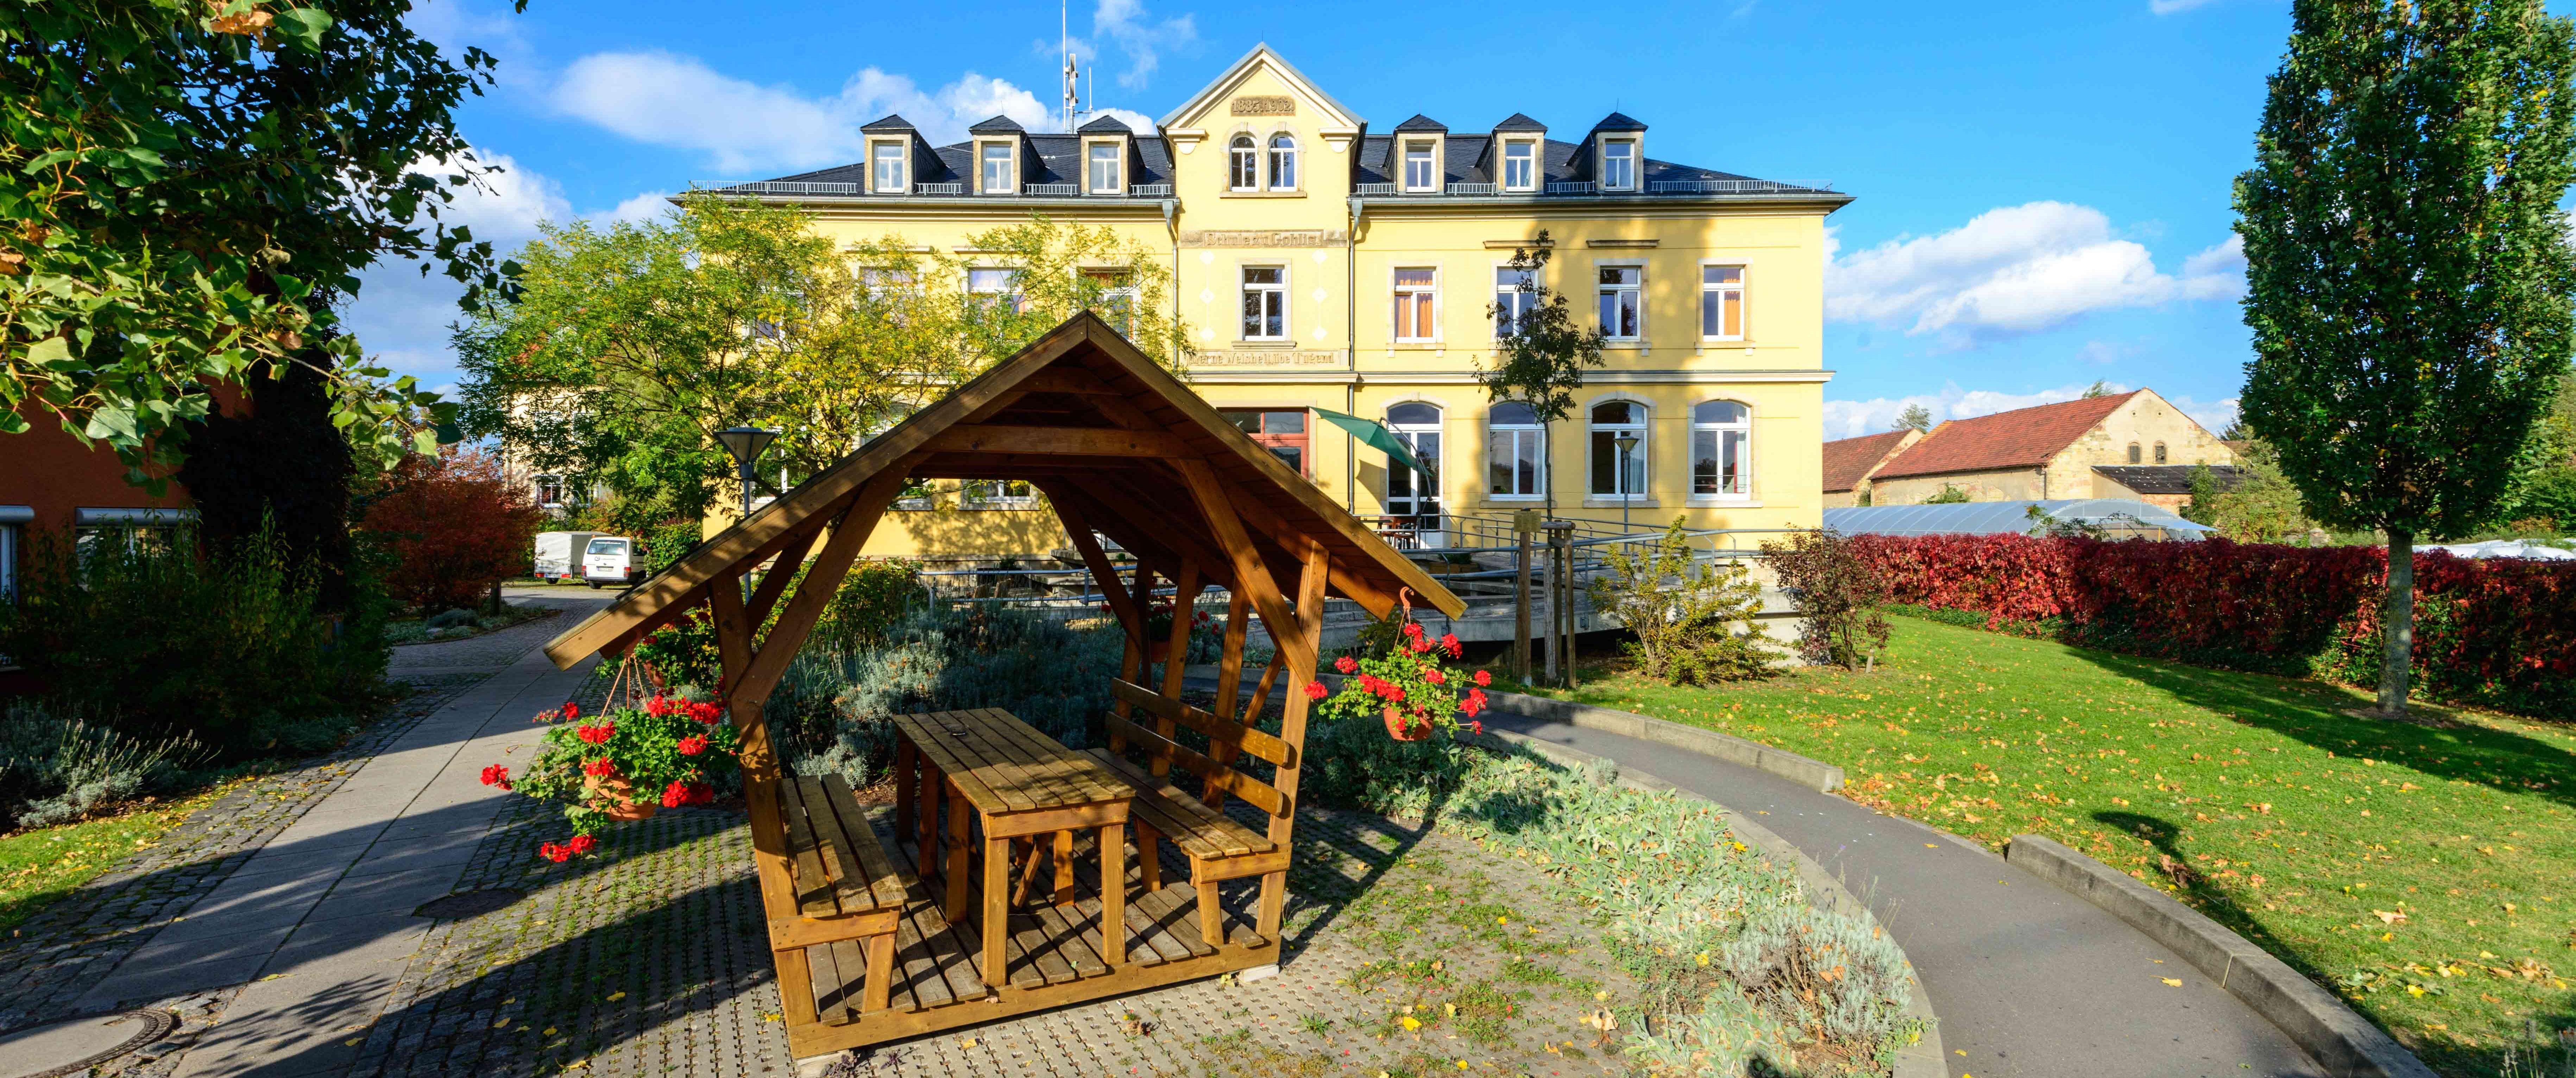 Gästehaus Alte Schule Gohlis Dresden